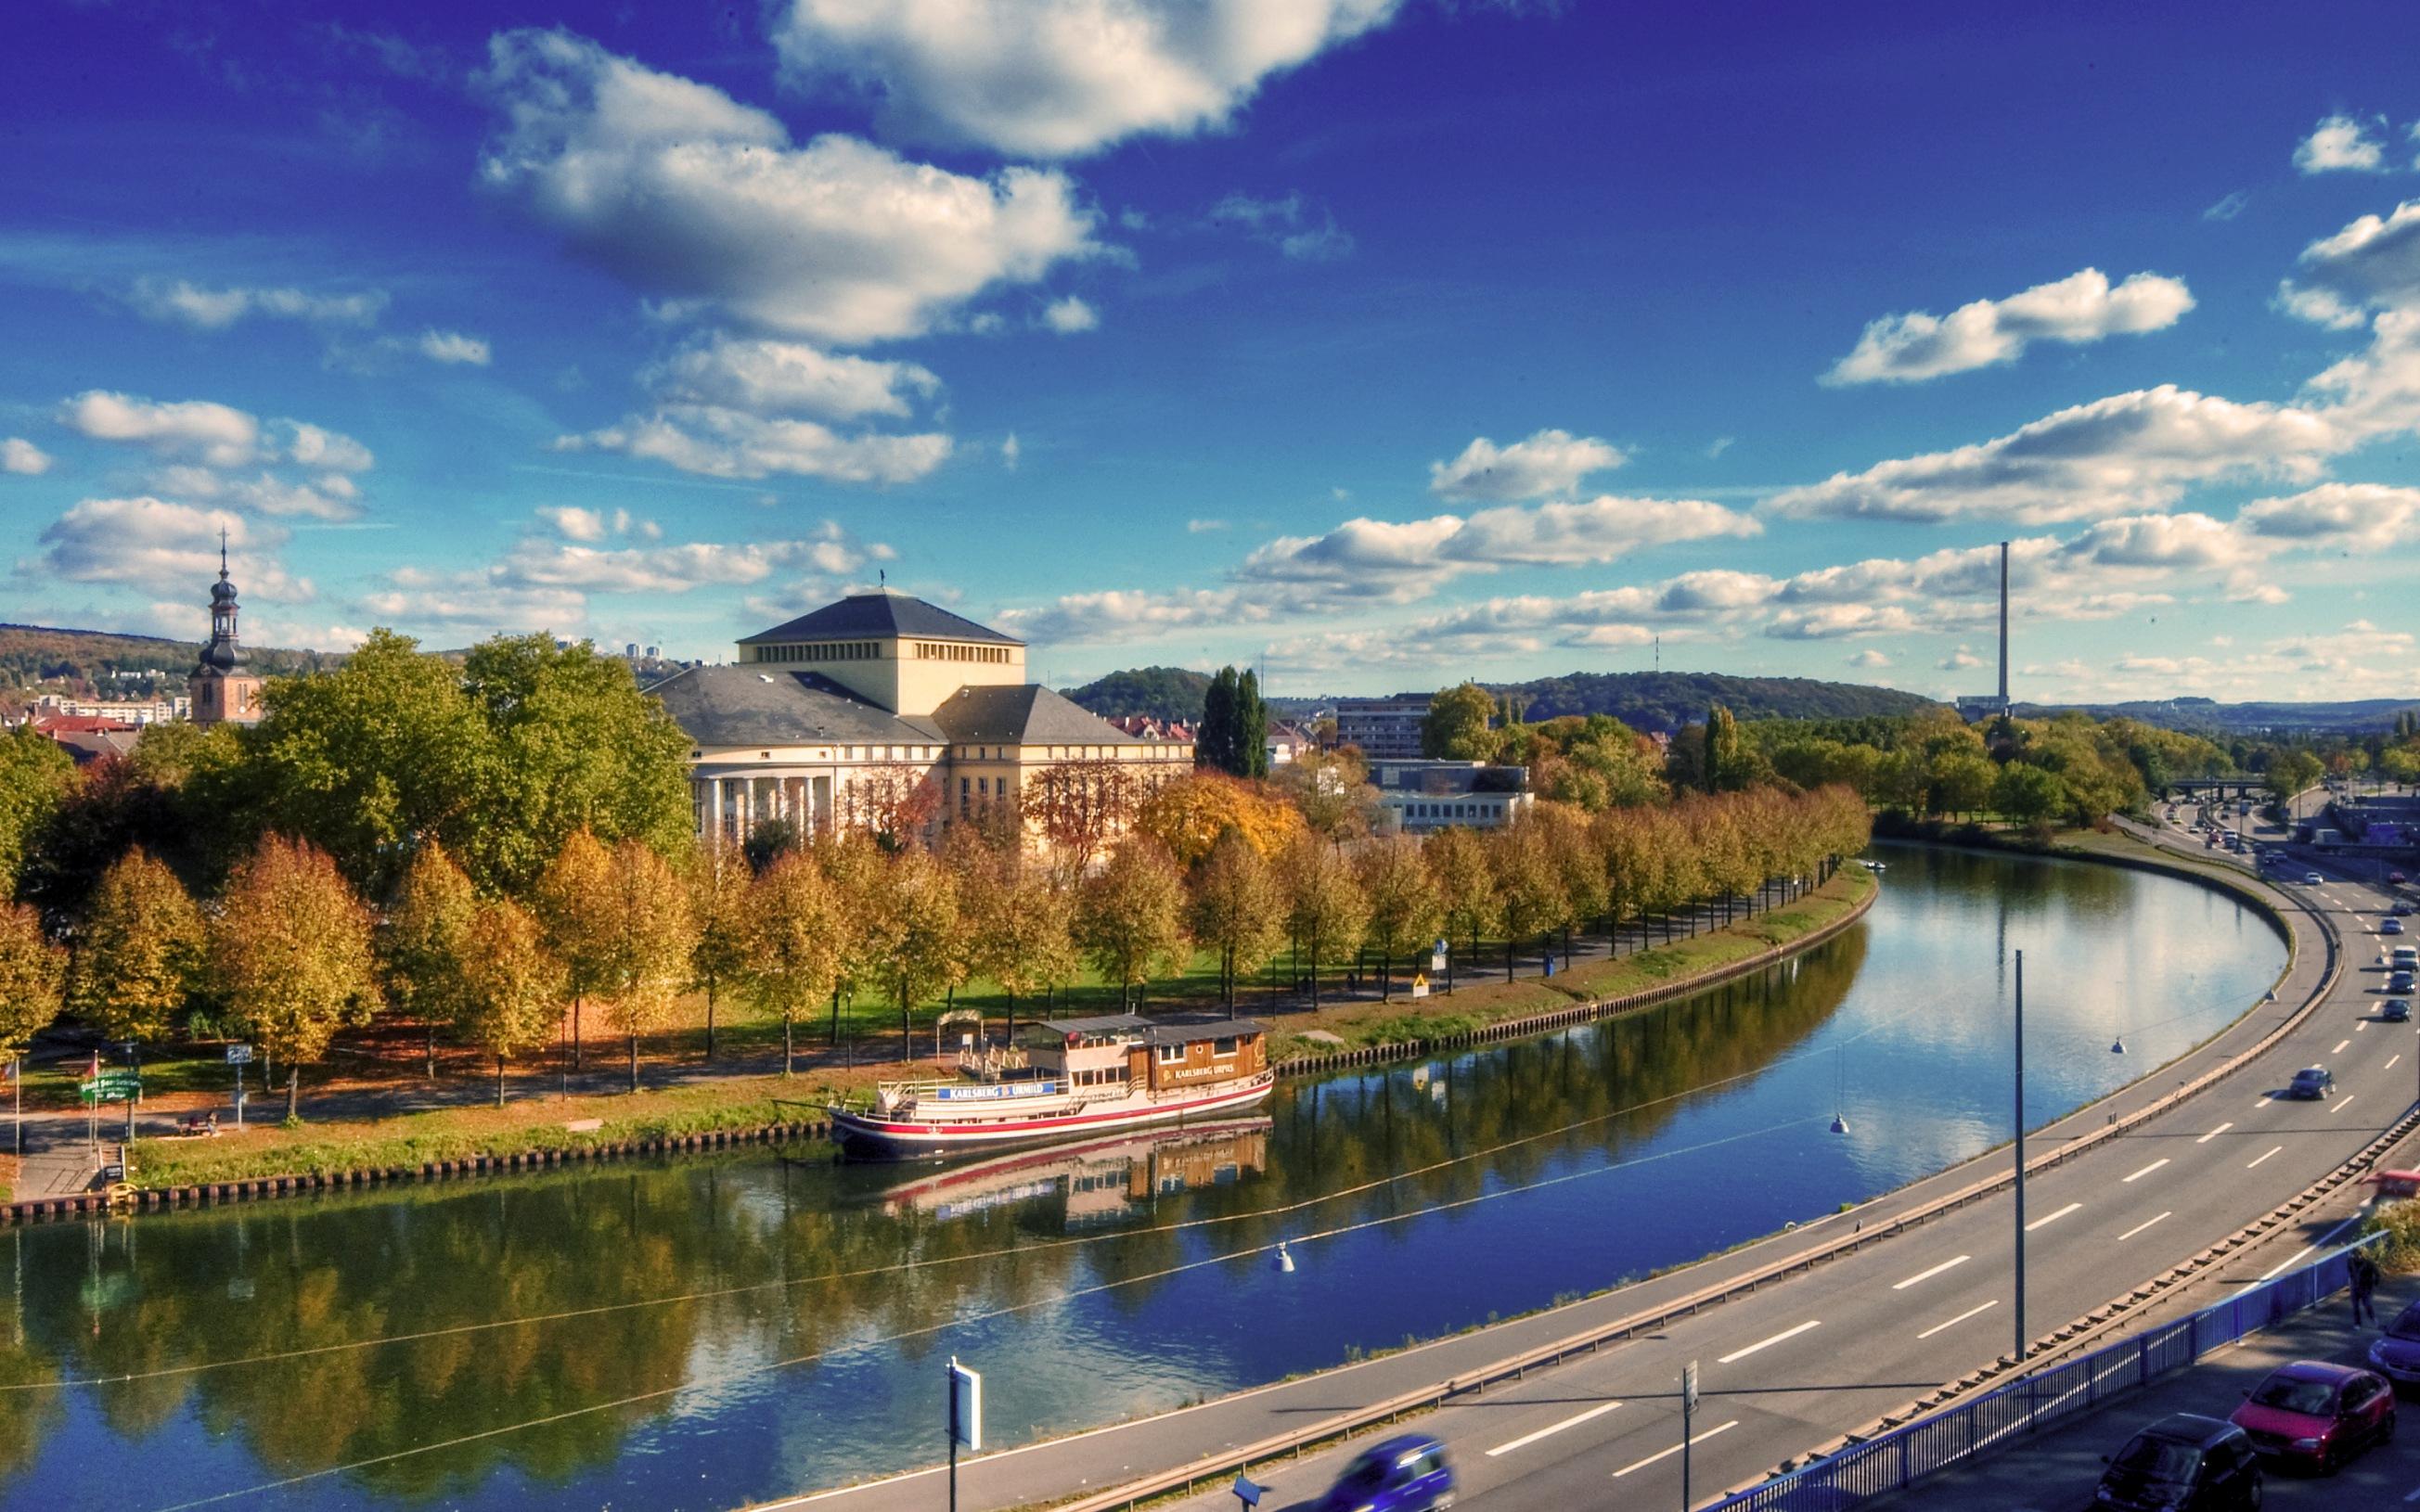 Klick here for a large view! Saarbrücken, Blick vom Brocken auf Saar und Staatstheater